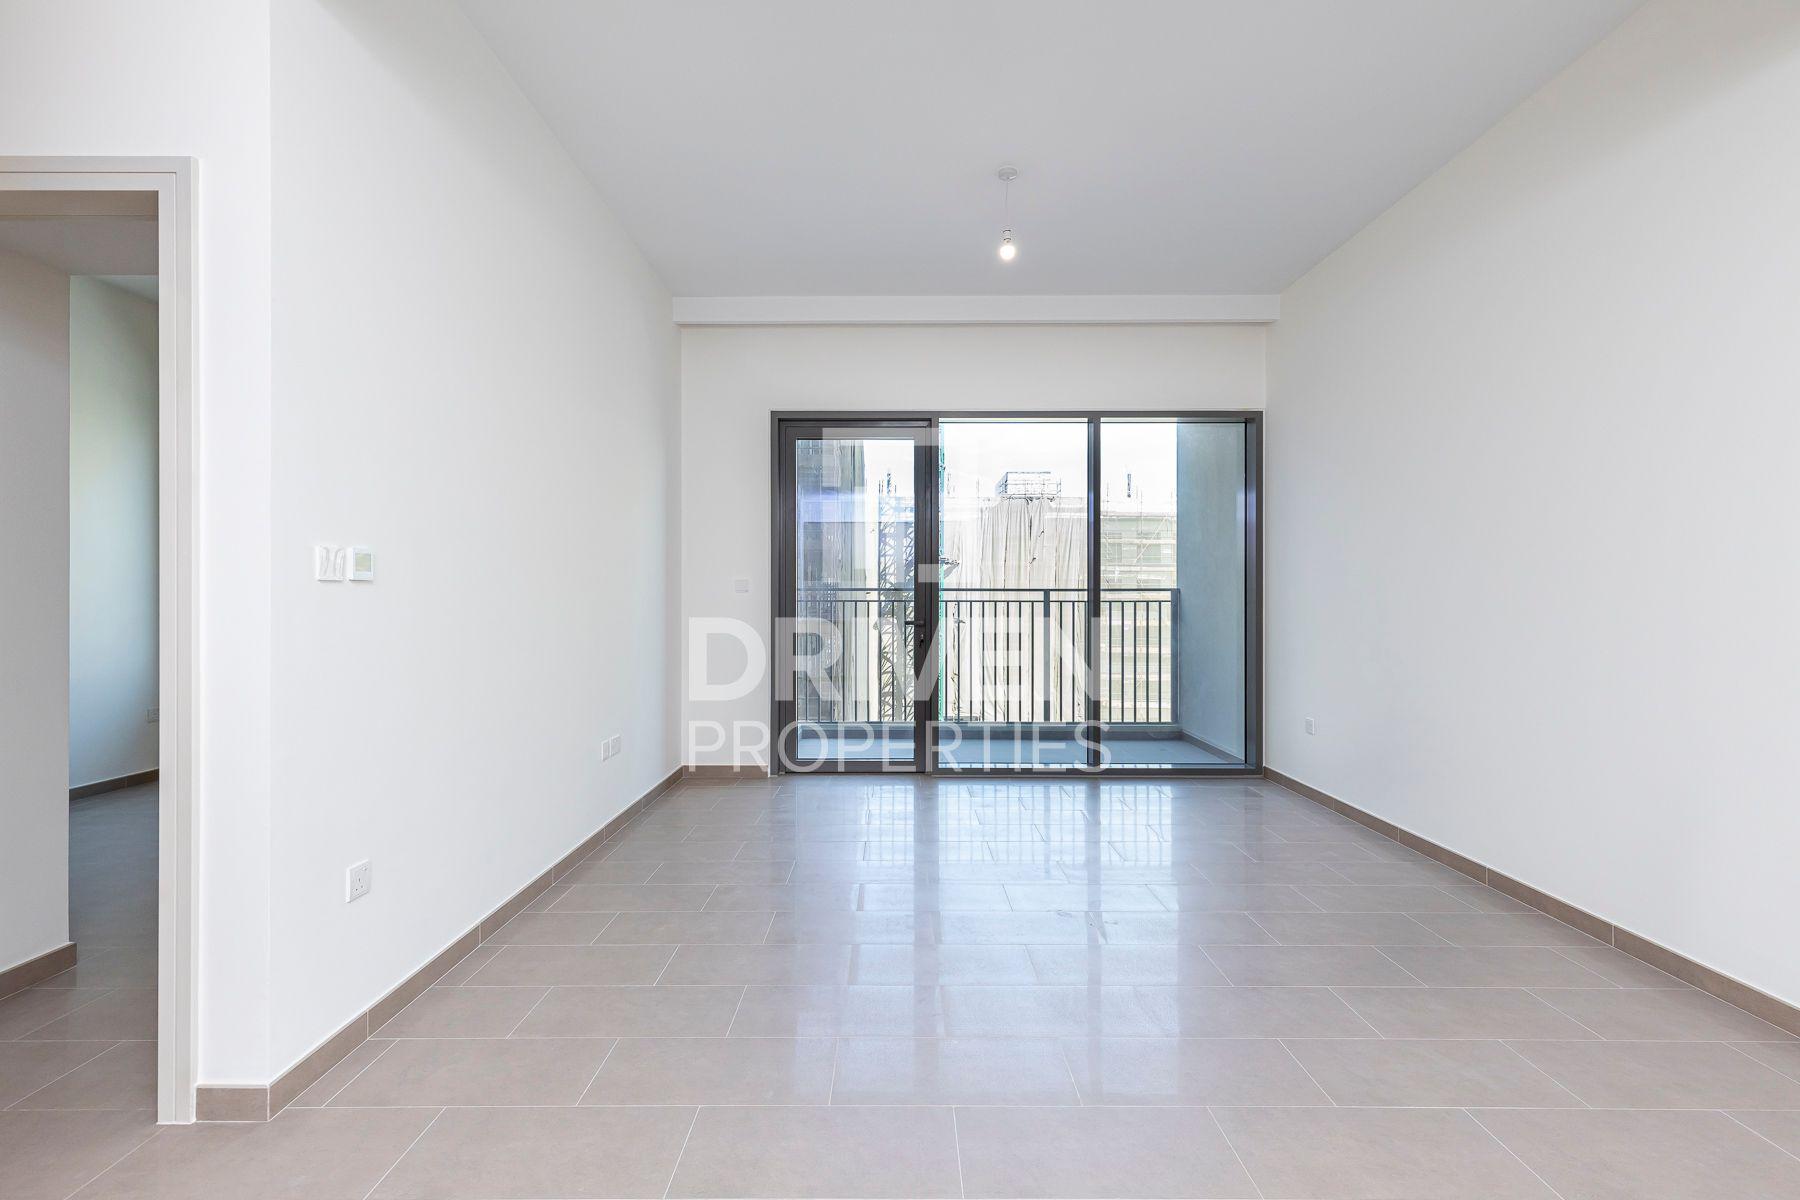 658 قدم مربع  شقة - للايجار - دبي هيلز استيت